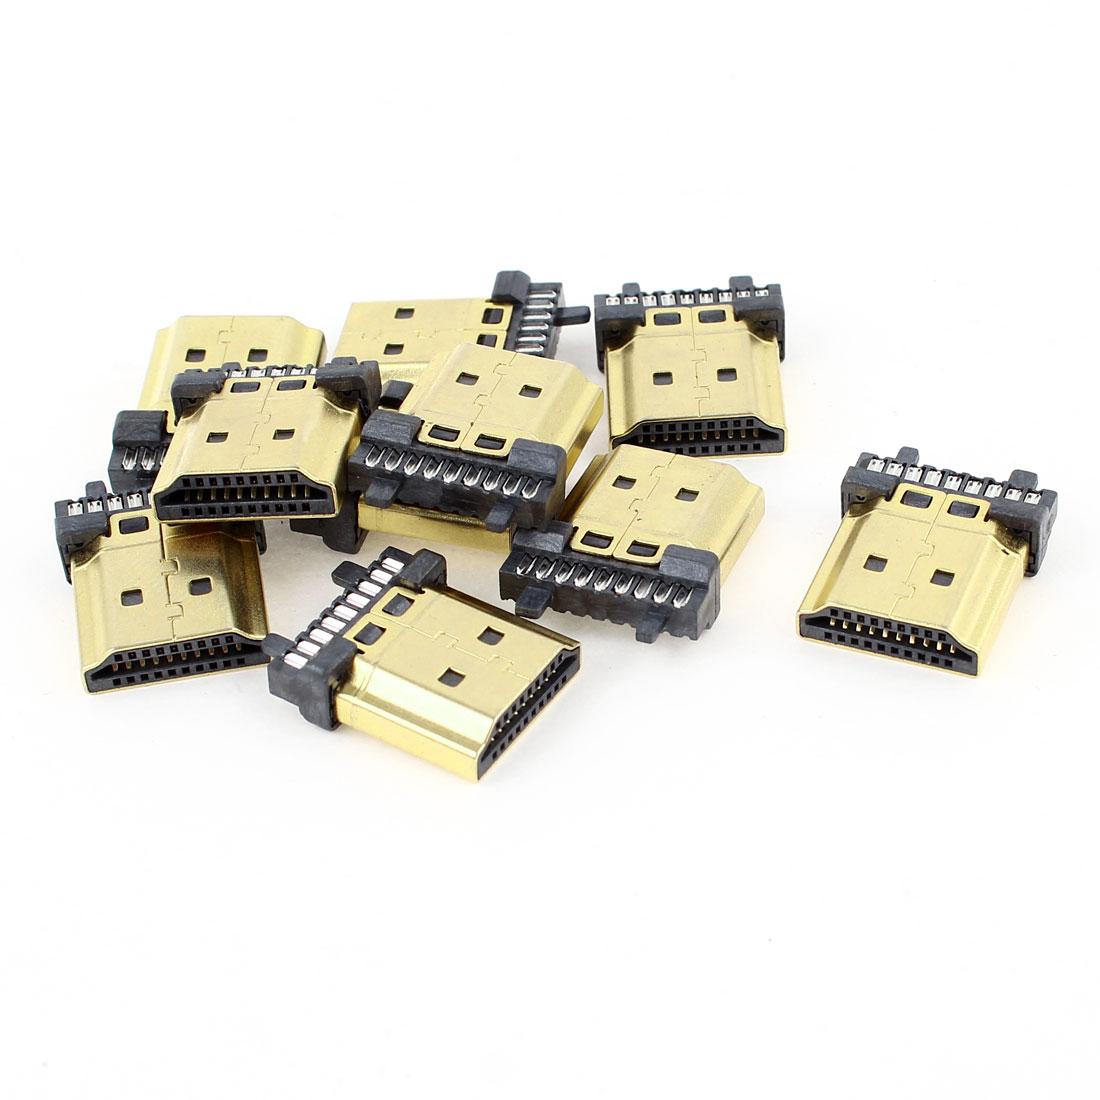 10pcs Gold Tone HDMI Male 19-Pin Connectors Jack